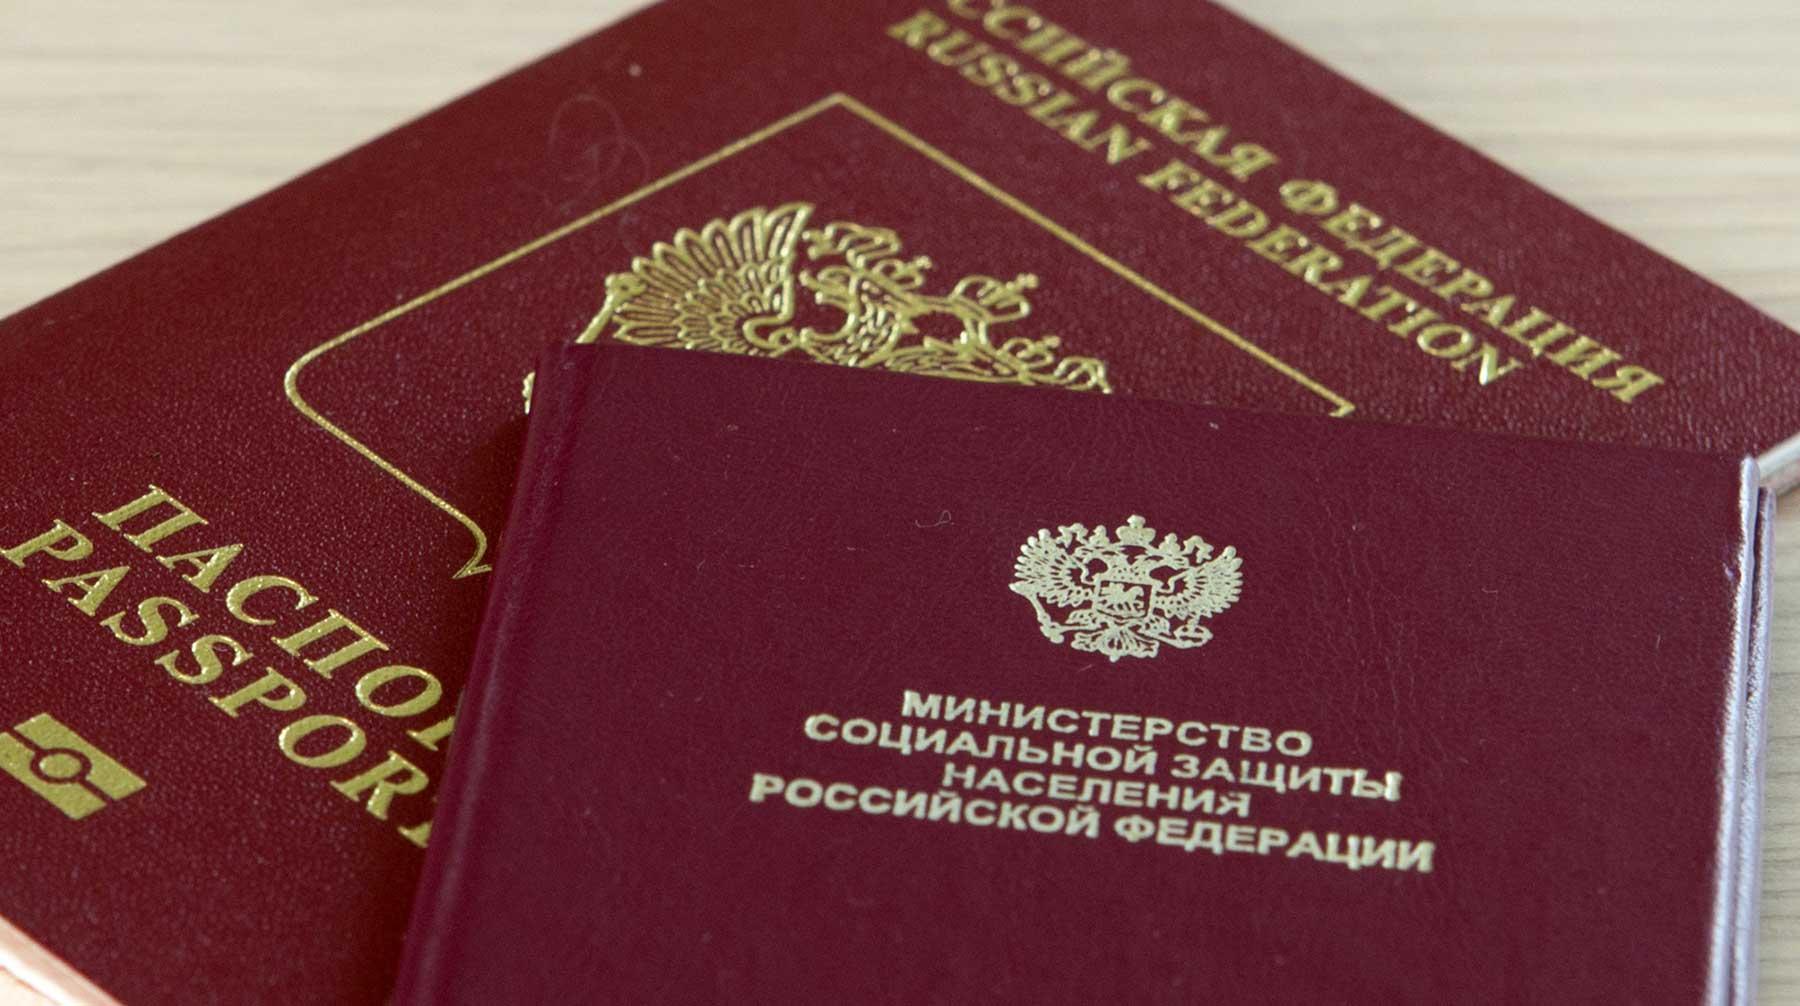 Получение гражданство рф нужныли документы подтверждаюшие о даходх